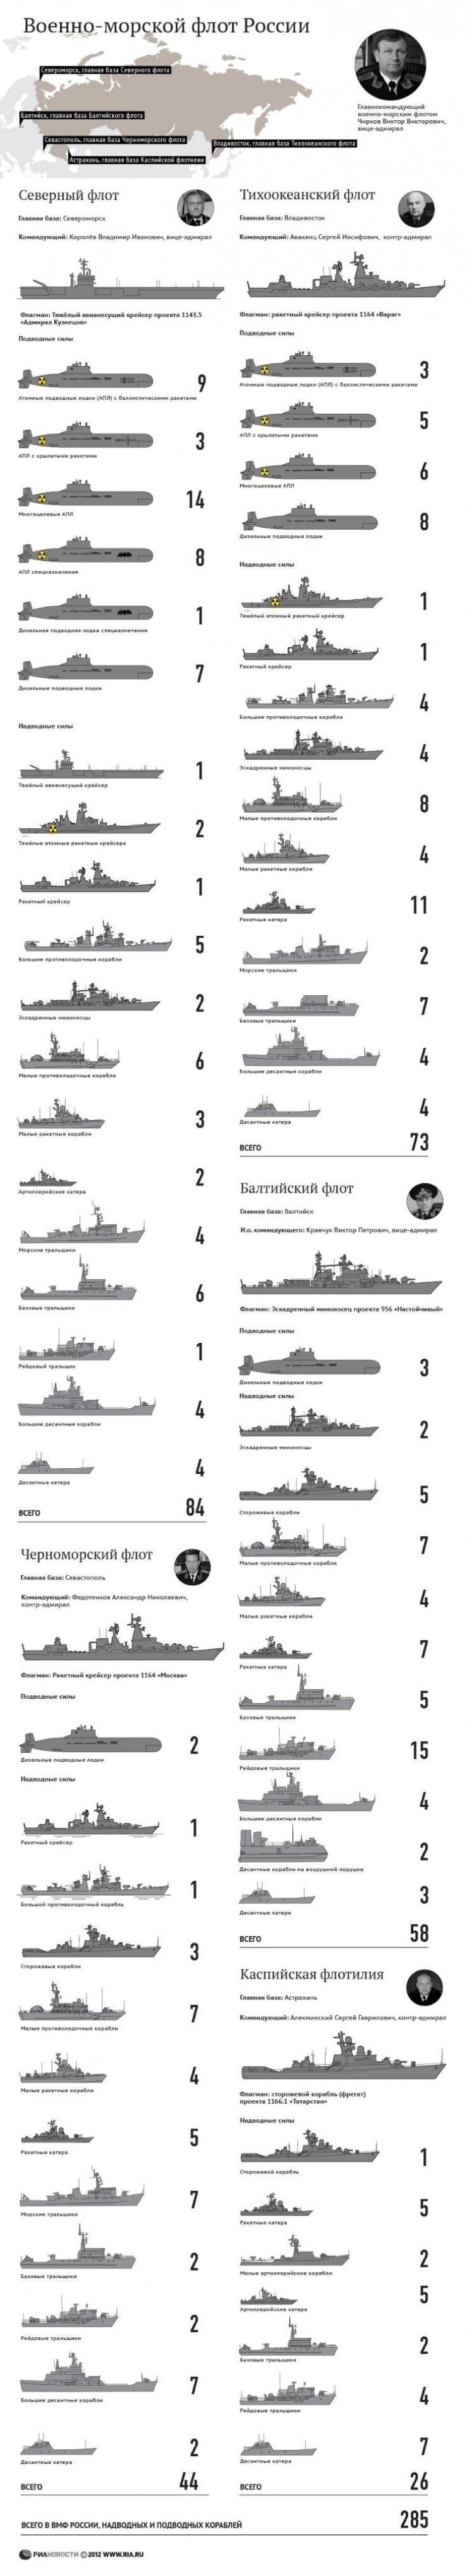 Военно-морской флот России сегодня. Флоты, флагманы, силы и командующие.